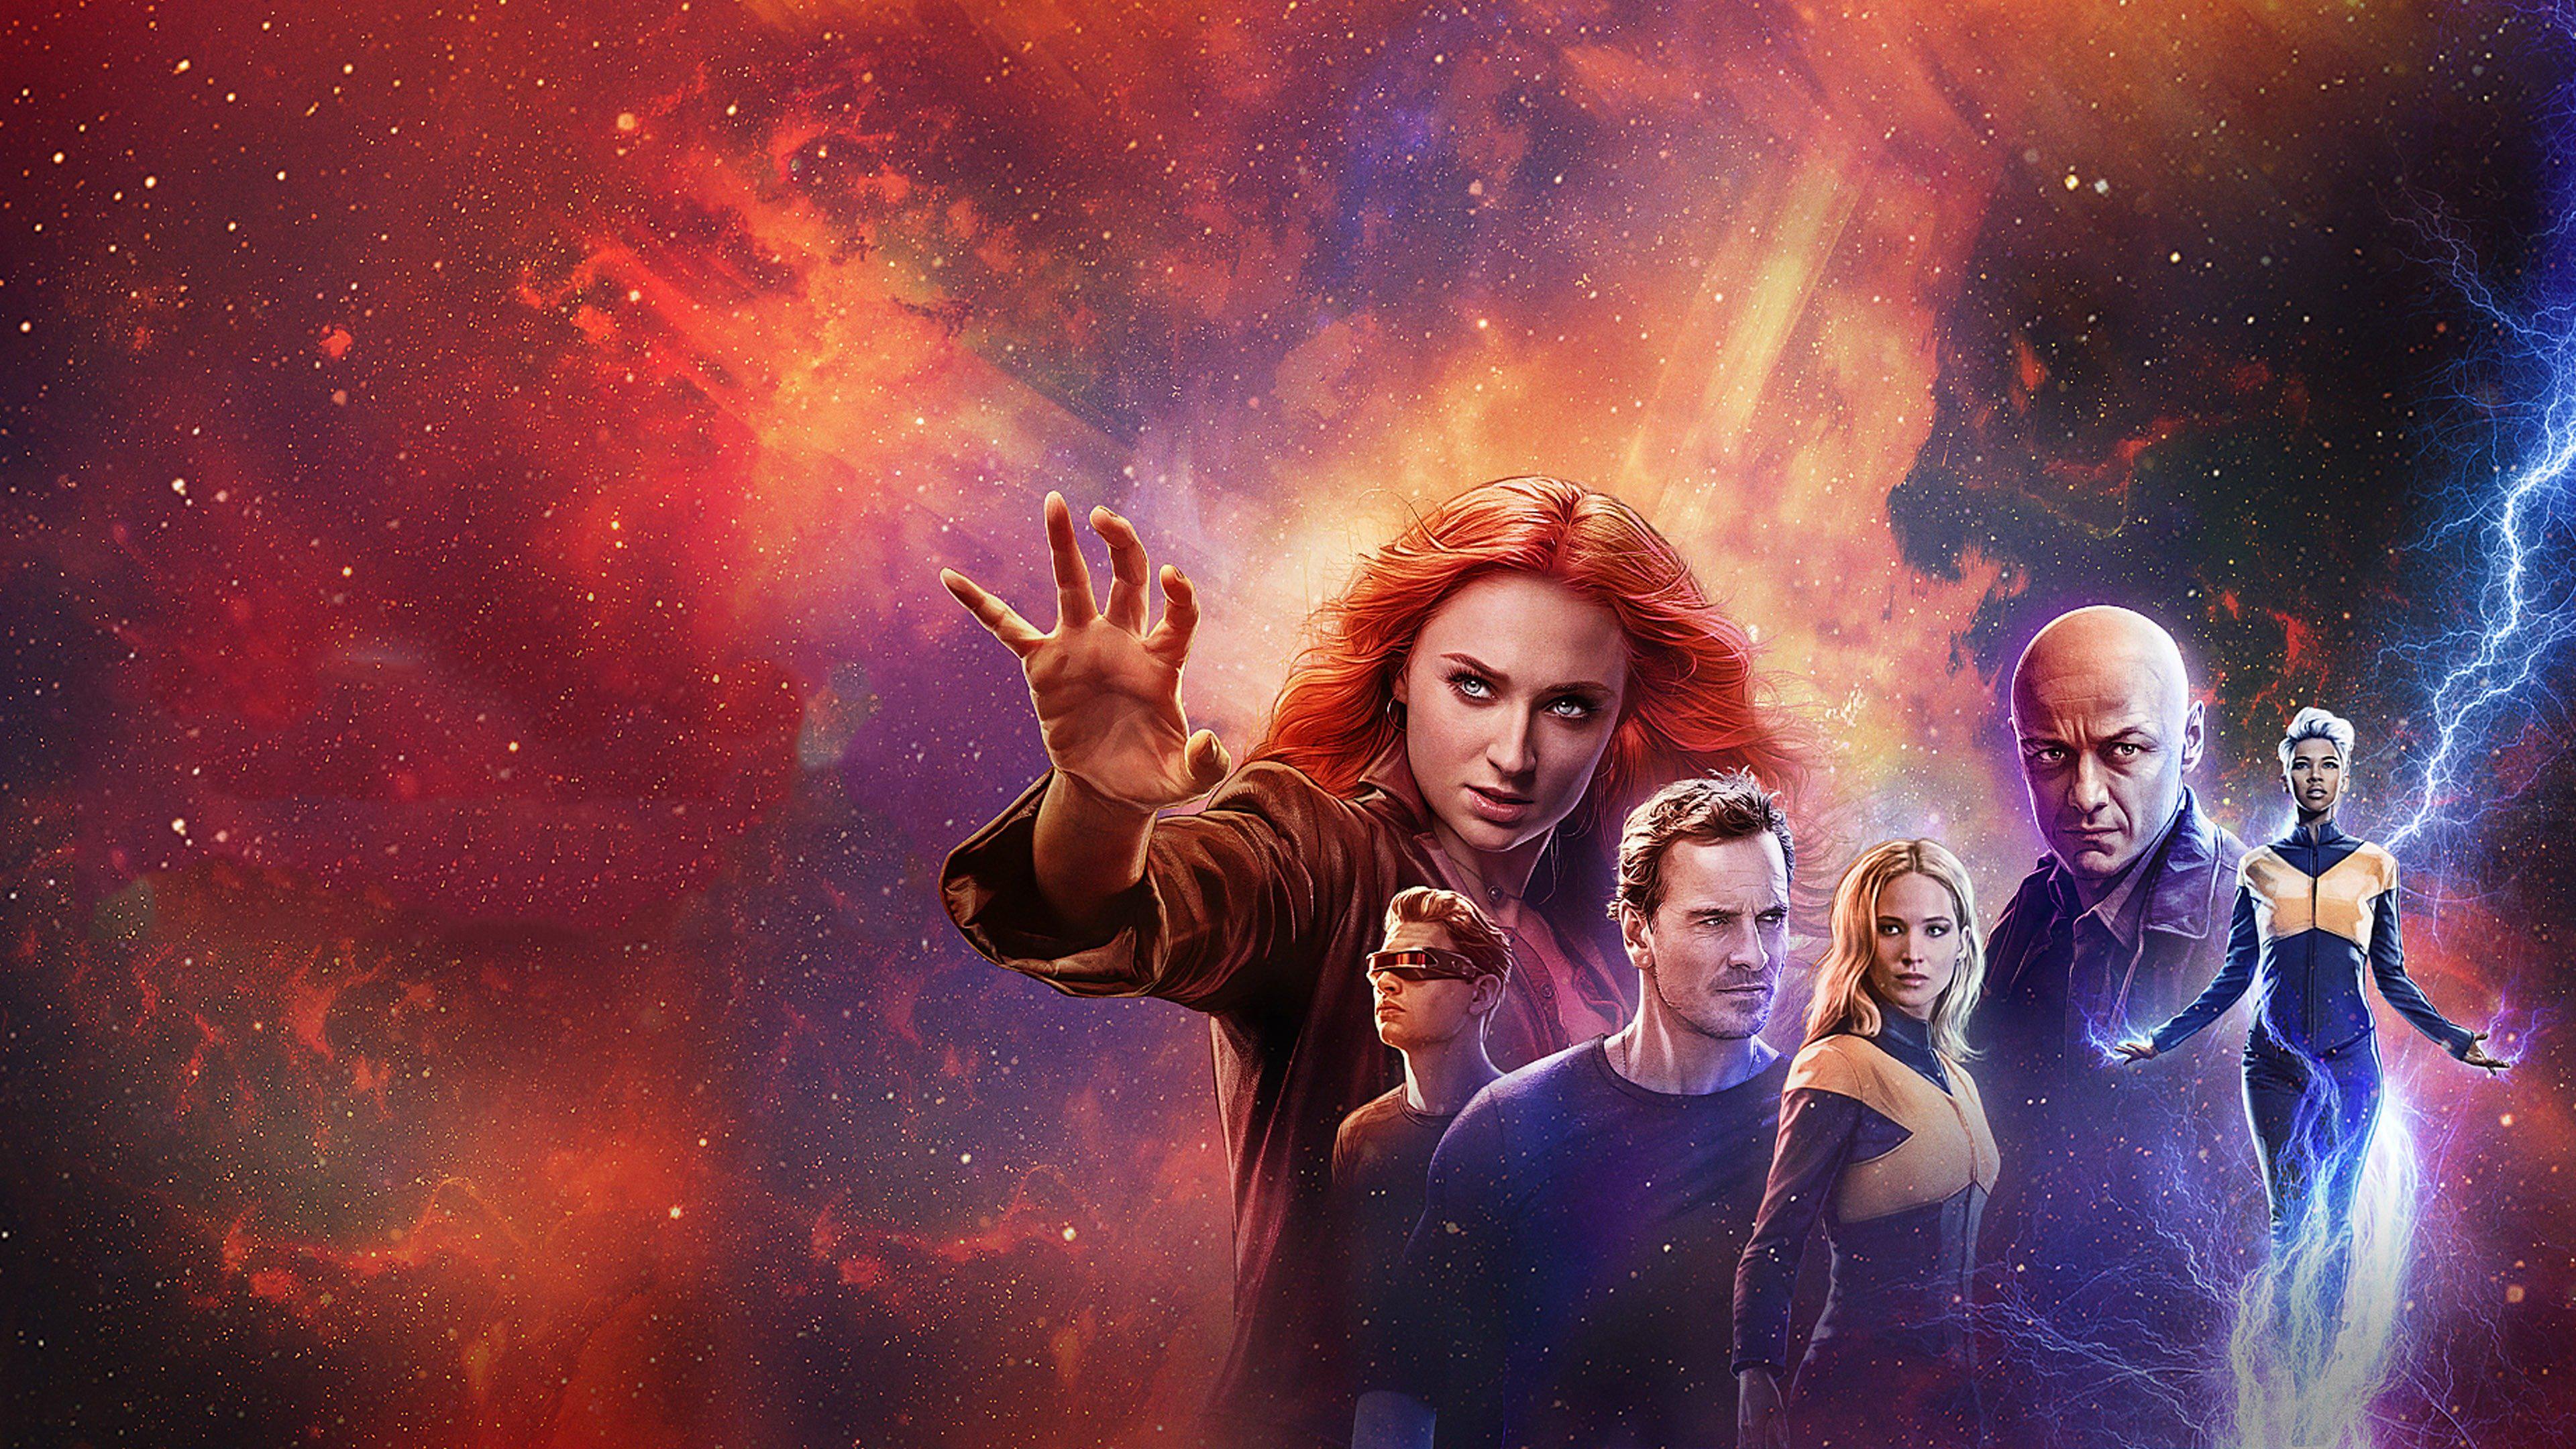 Wallpaper 4k X Men Dark Phoenix 2019 Poster 2019 movies wallpapers 3840x2160